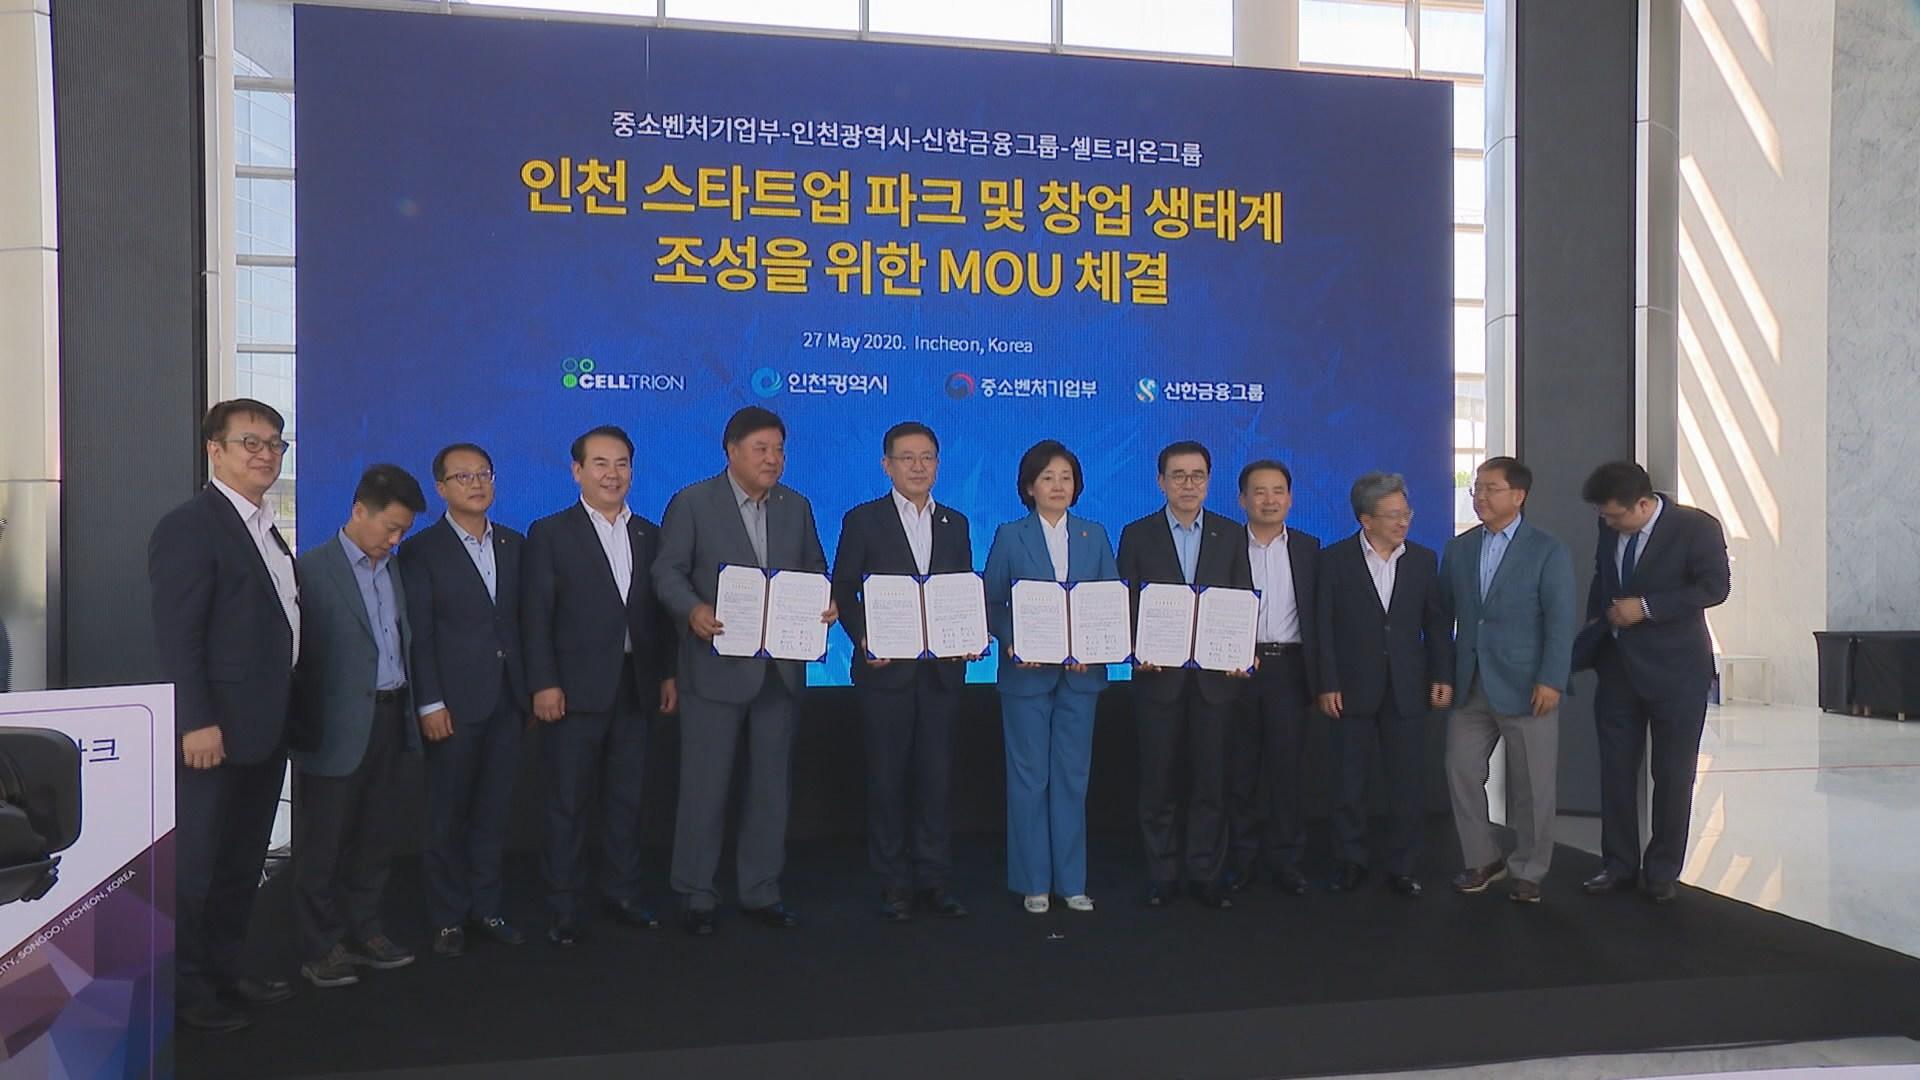 인천 스타트업 파크 '바이오·비대면' 창업 허브로 육성